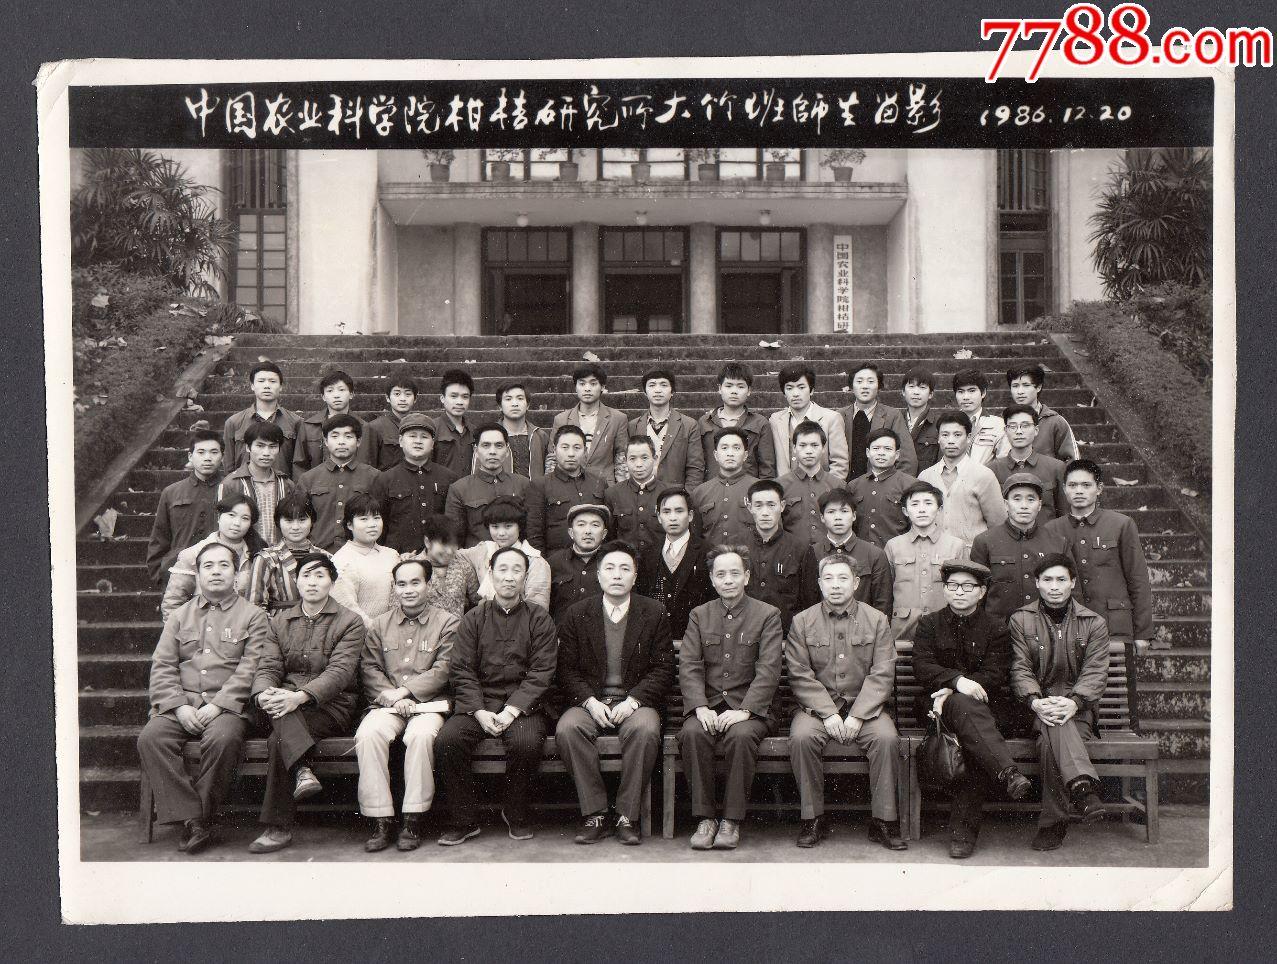 中国科学院柑橘研究所重庆大竹班师生留影